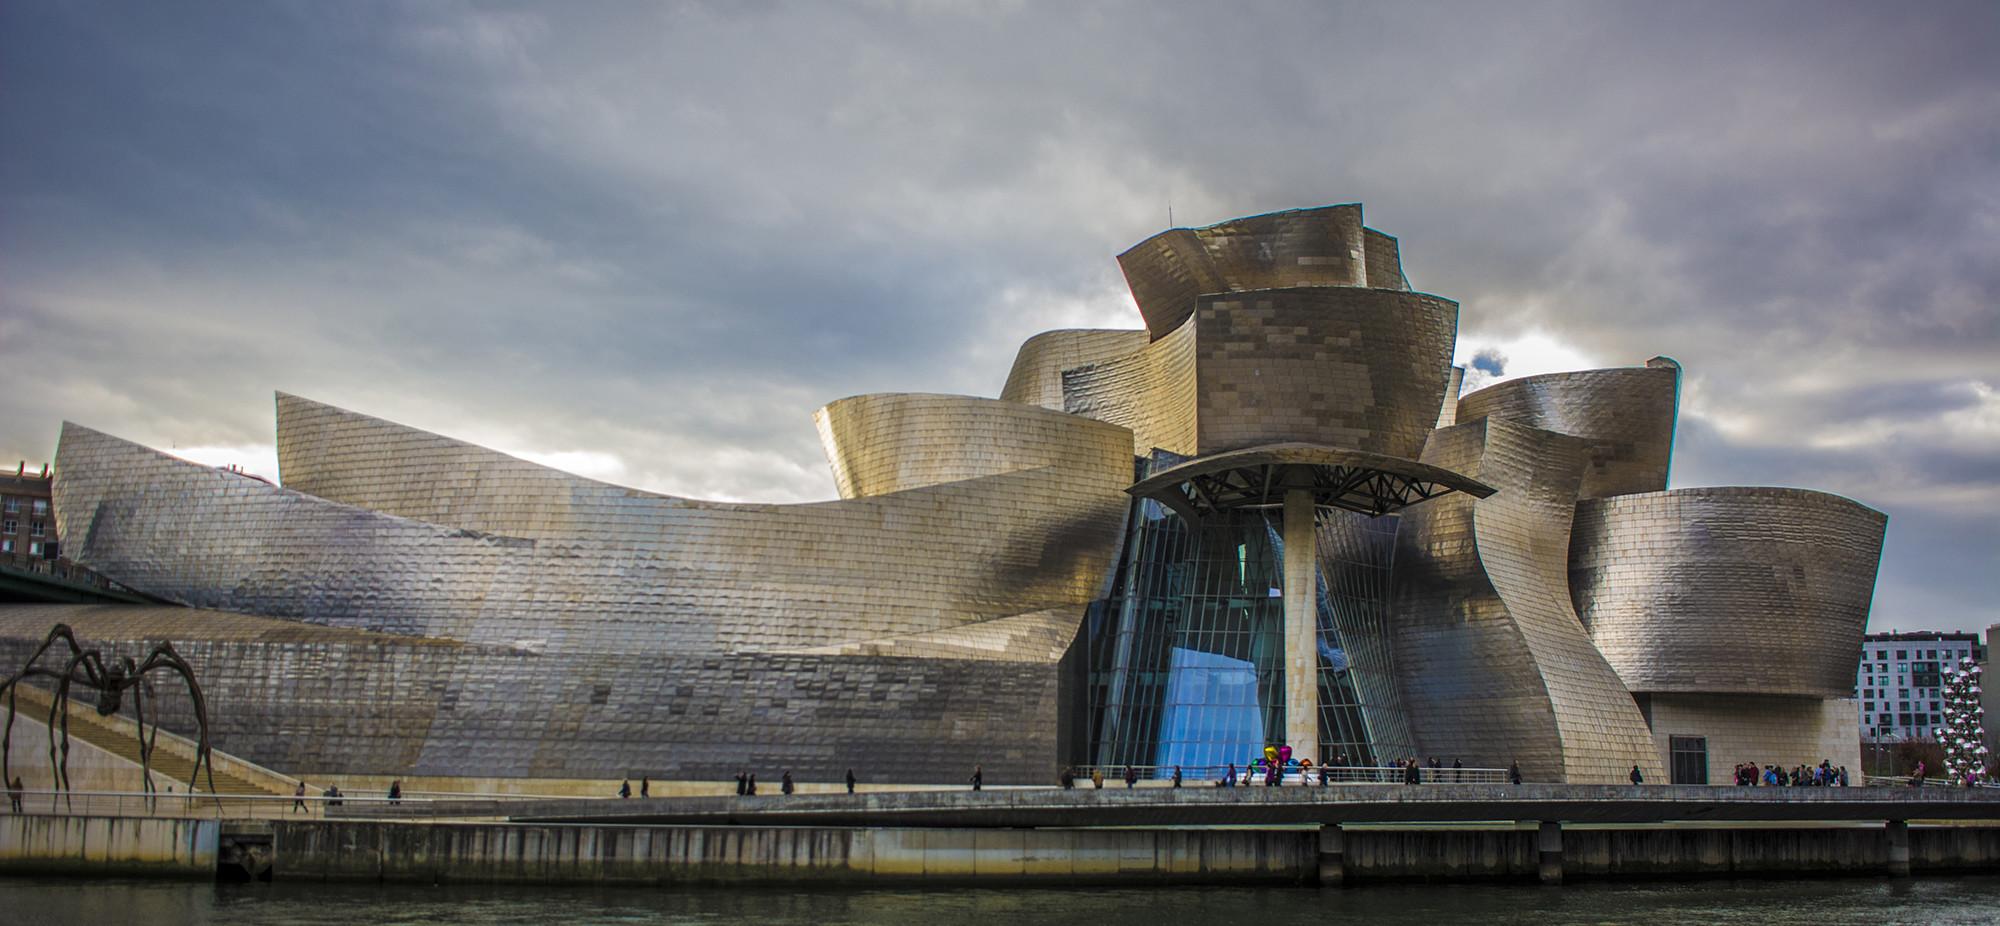 (Image: Museo Guggenheim Bilbao)